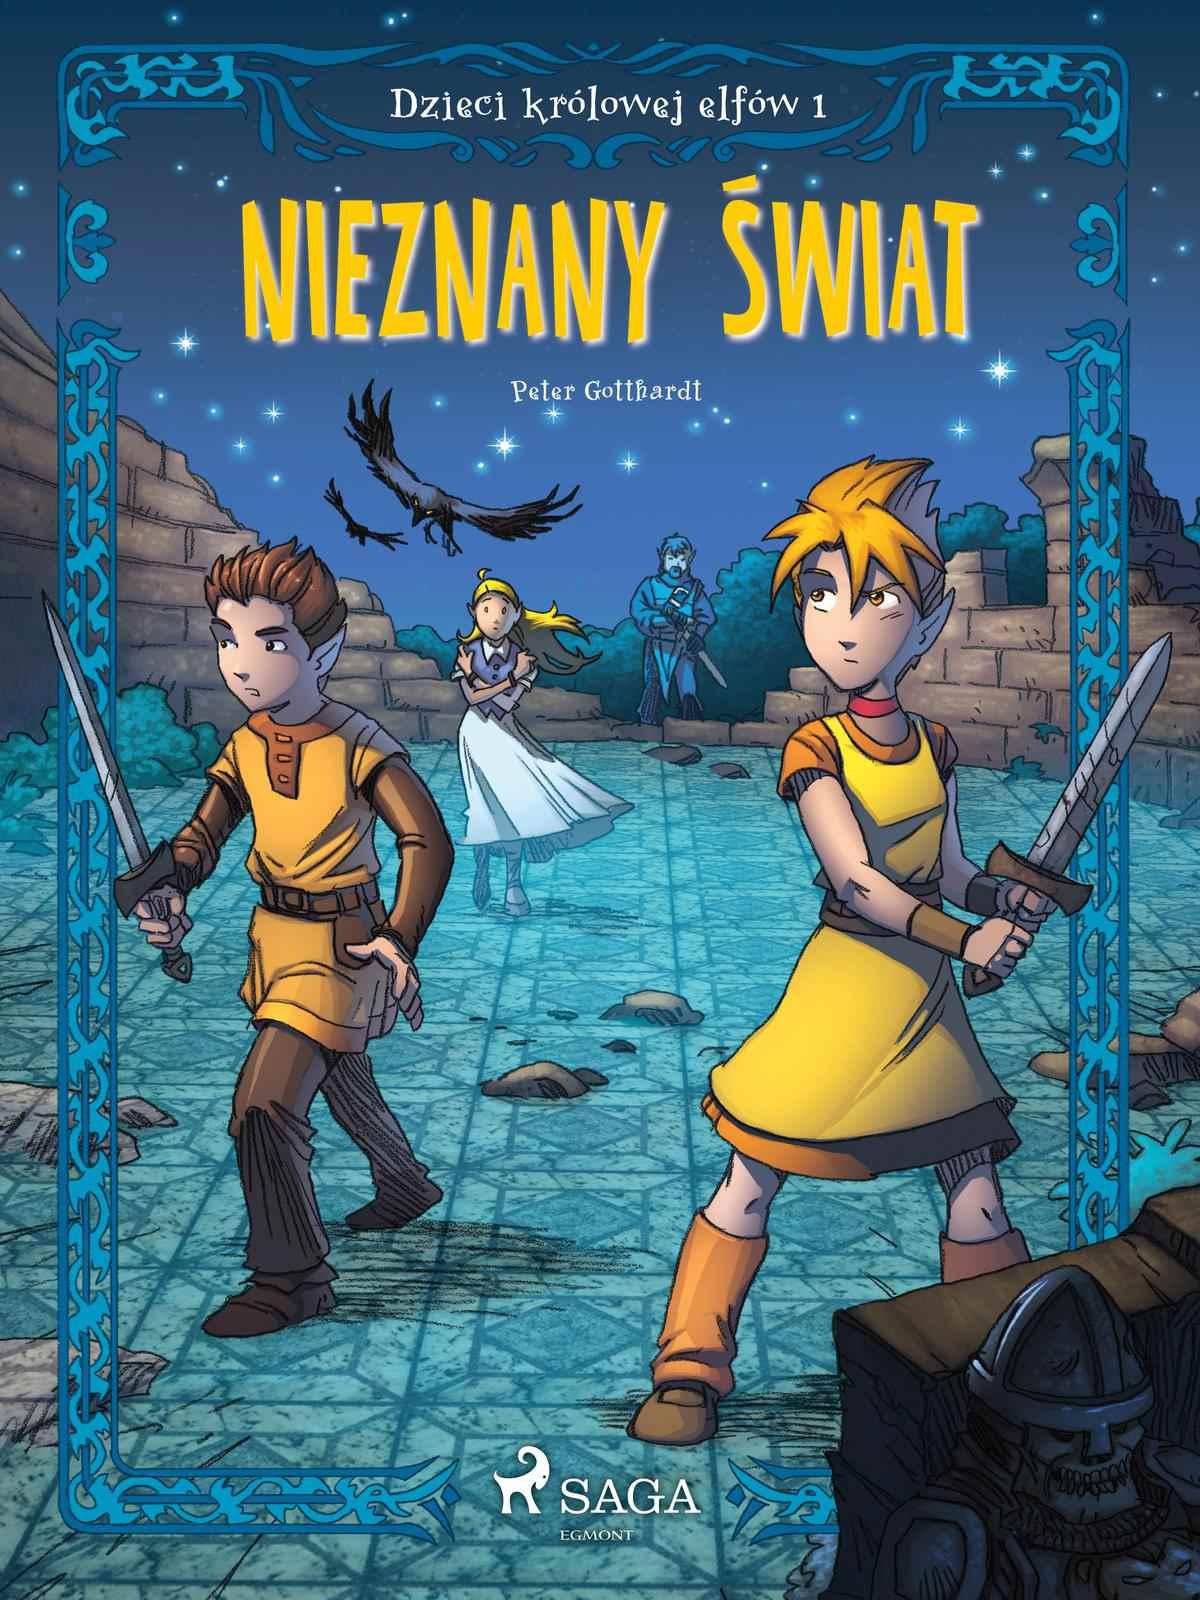 Dzieci królowej elfów 1 - Nieznany świat - Ebook (Książka na Kindle) do pobrania w formacie MOBI